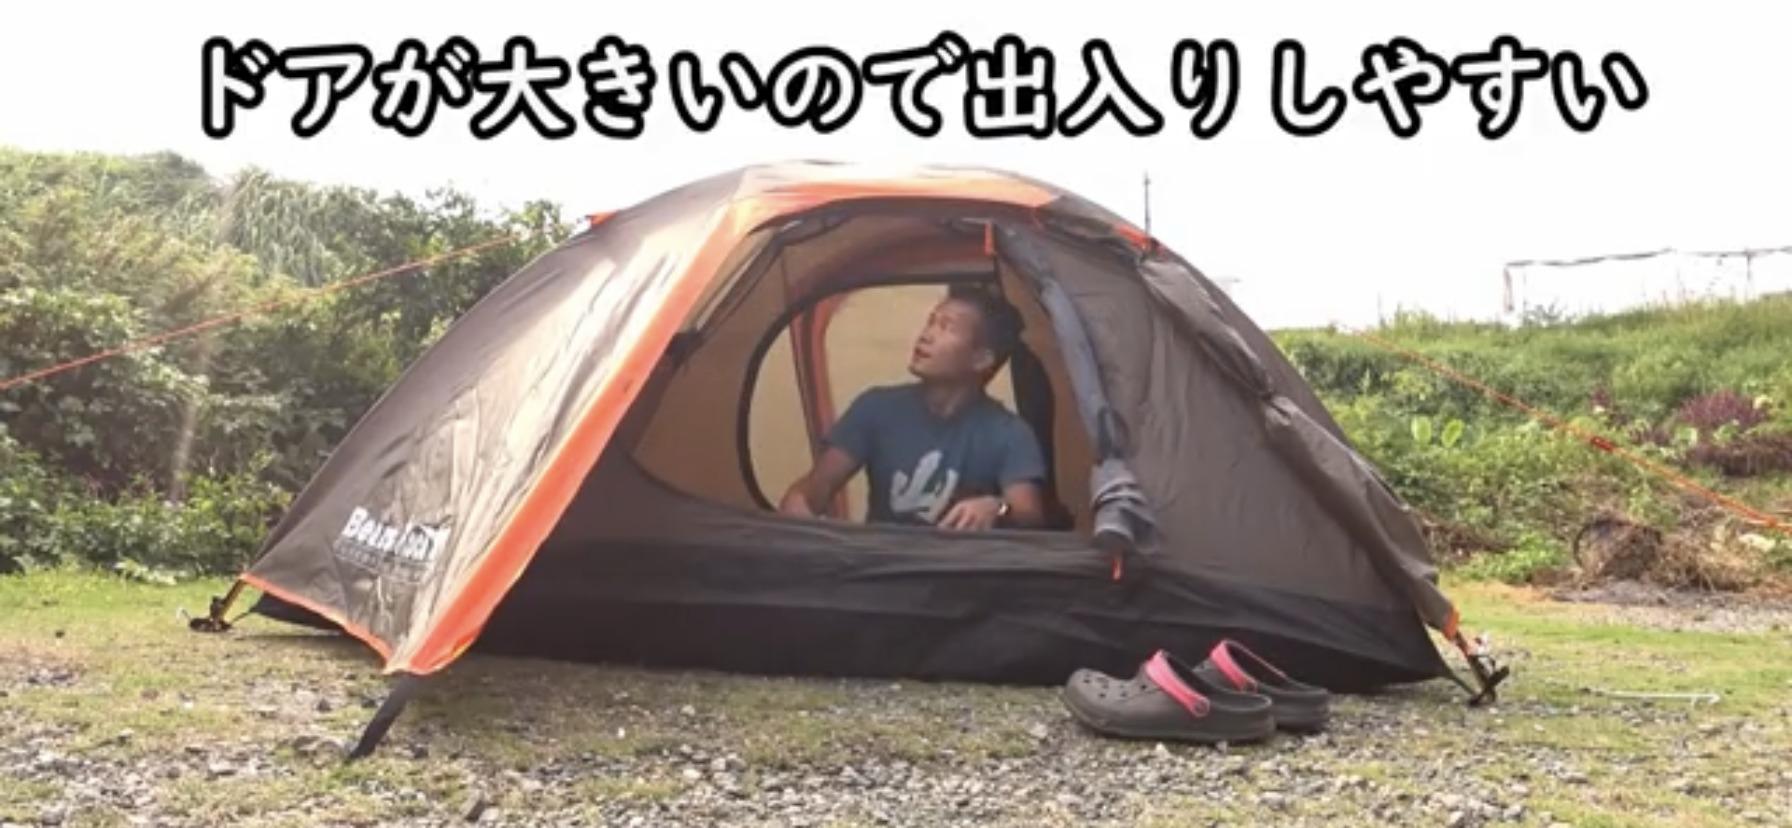 【ベアーズロック】ハヤブサテントのレビューをする尾上祐一郎さん